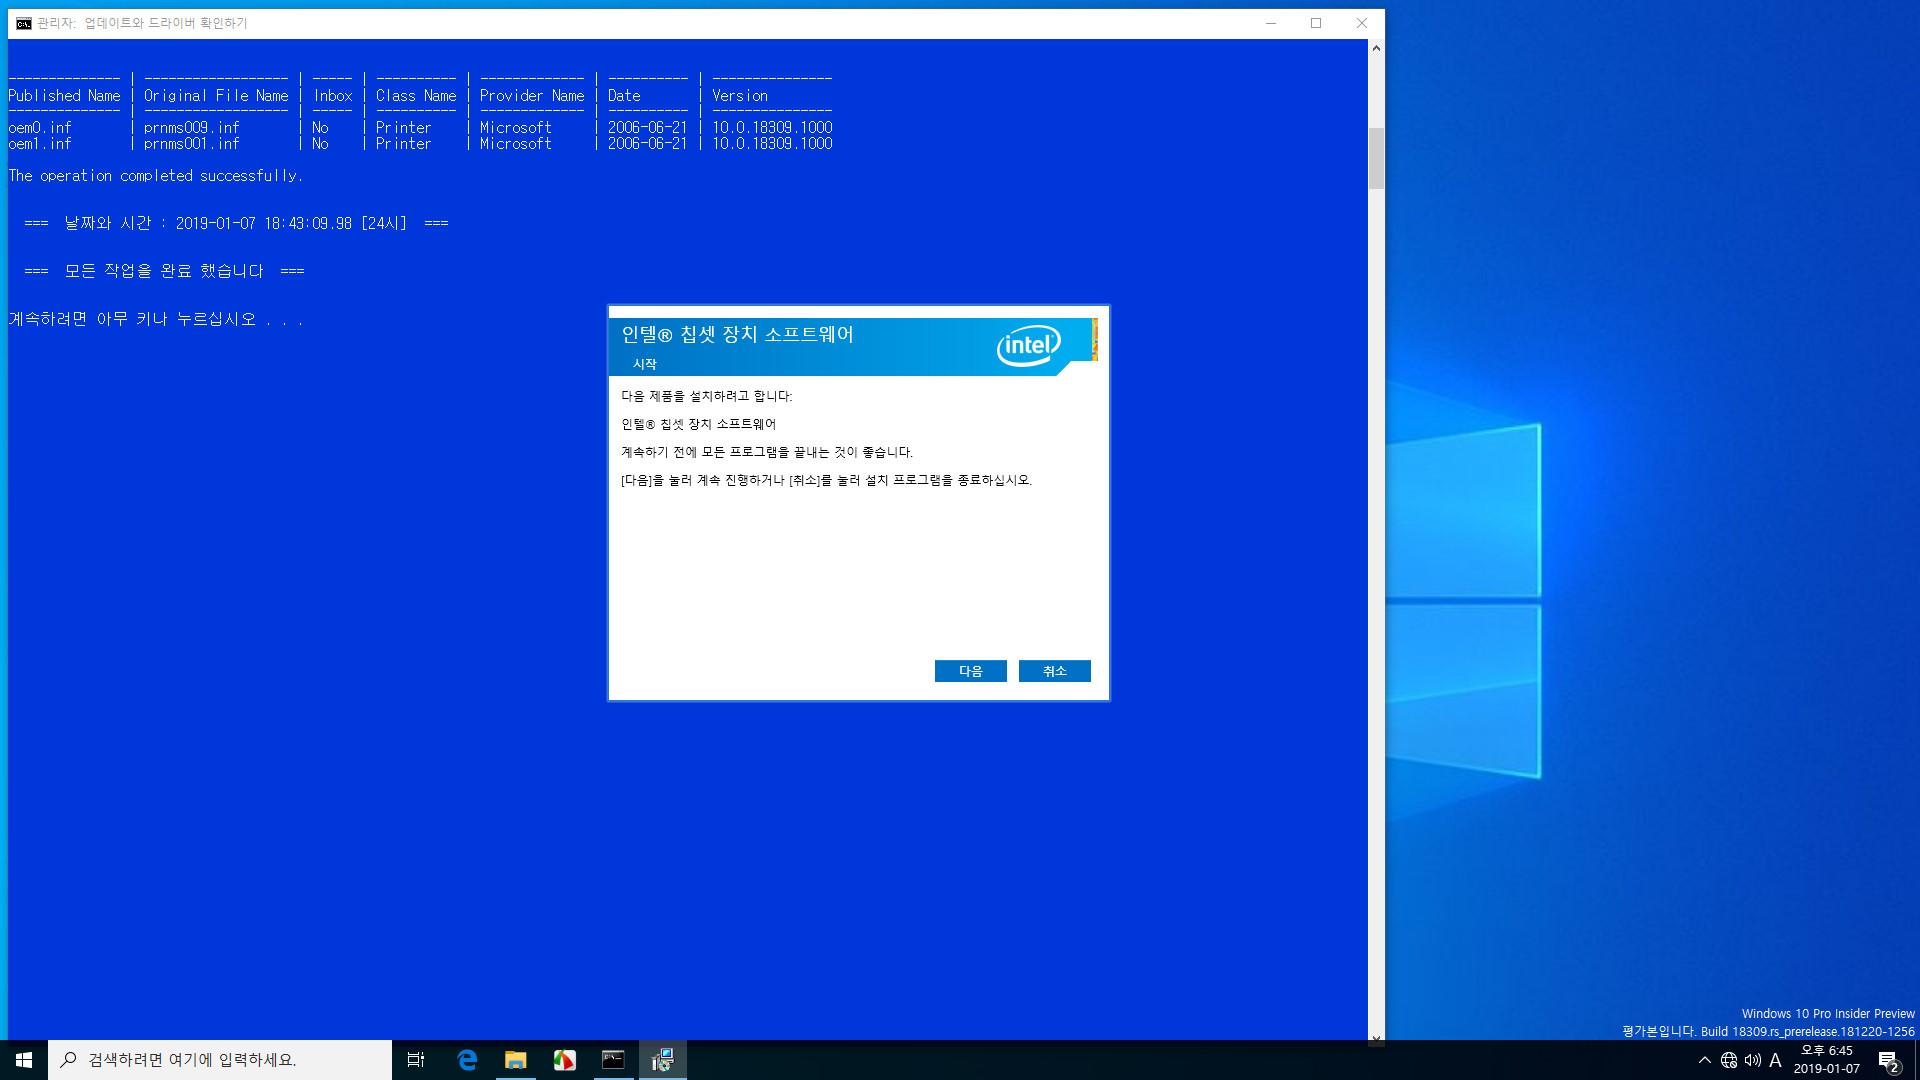 윈도10 19H1 인사이더 프리뷰 18309.1000 빌드 나왔네요 - 실컴에서 Windows Sandbox 테스트 - 어떤 드라이버가 충돌을 일으키는지 확인 테스트4 [윈도에 내장된 랜드라이버 제거] - 3번째 for 구문과 사용권한 획득으로 내장 랜 드라이버들 삭제 성공함 2019-01-07_184512.jpg